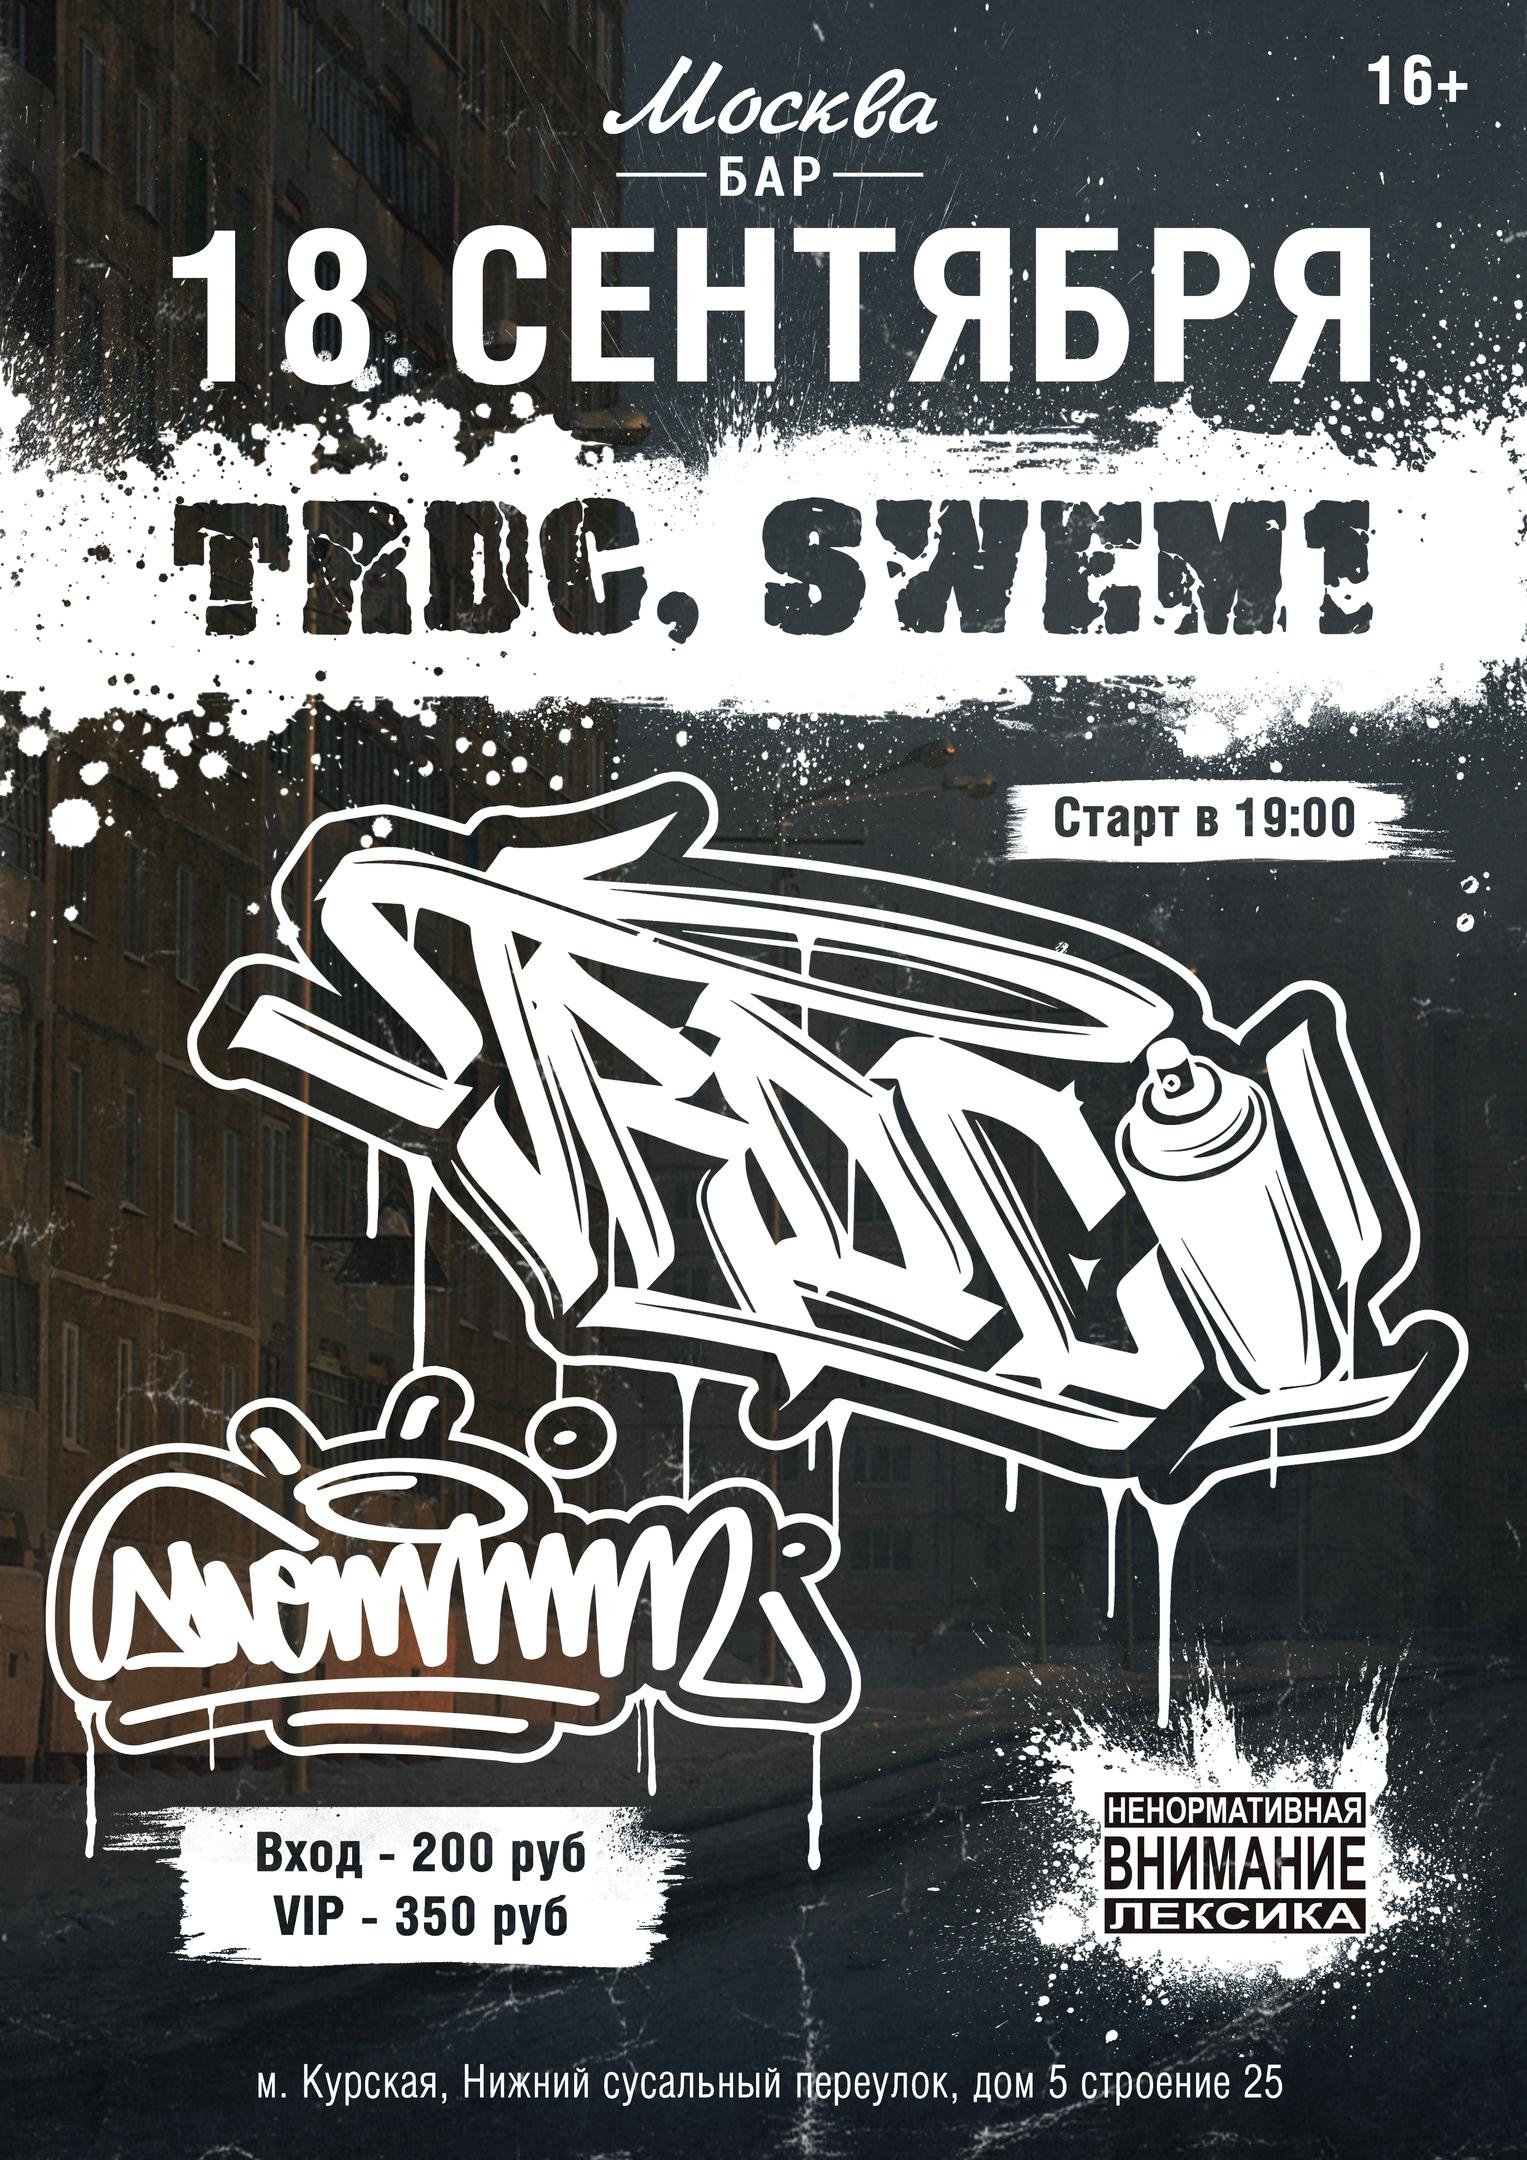 TRDC & Swem1